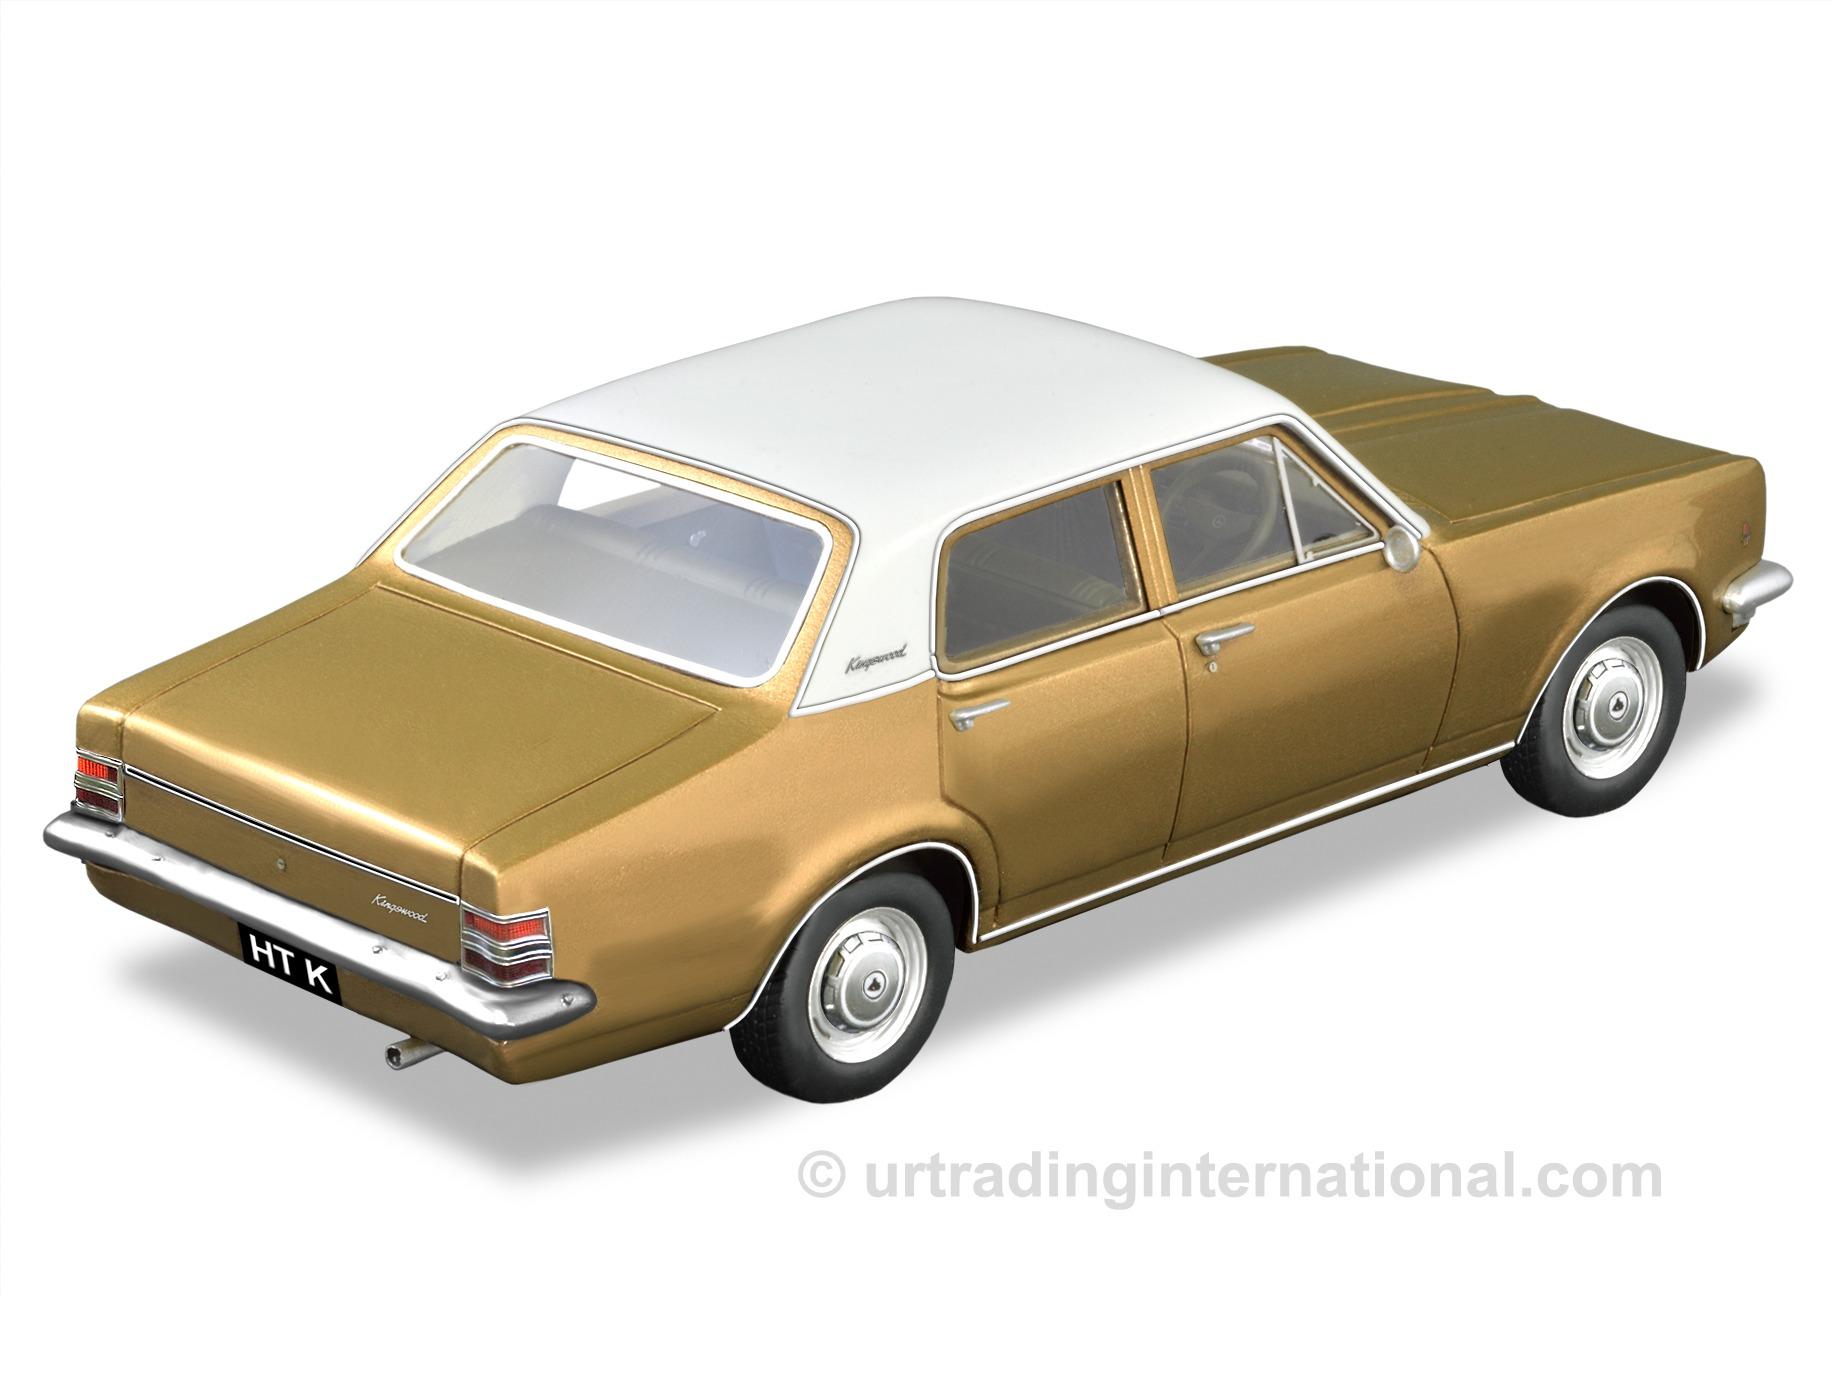 1970 HT Kingswood Sedan – Persian Gold